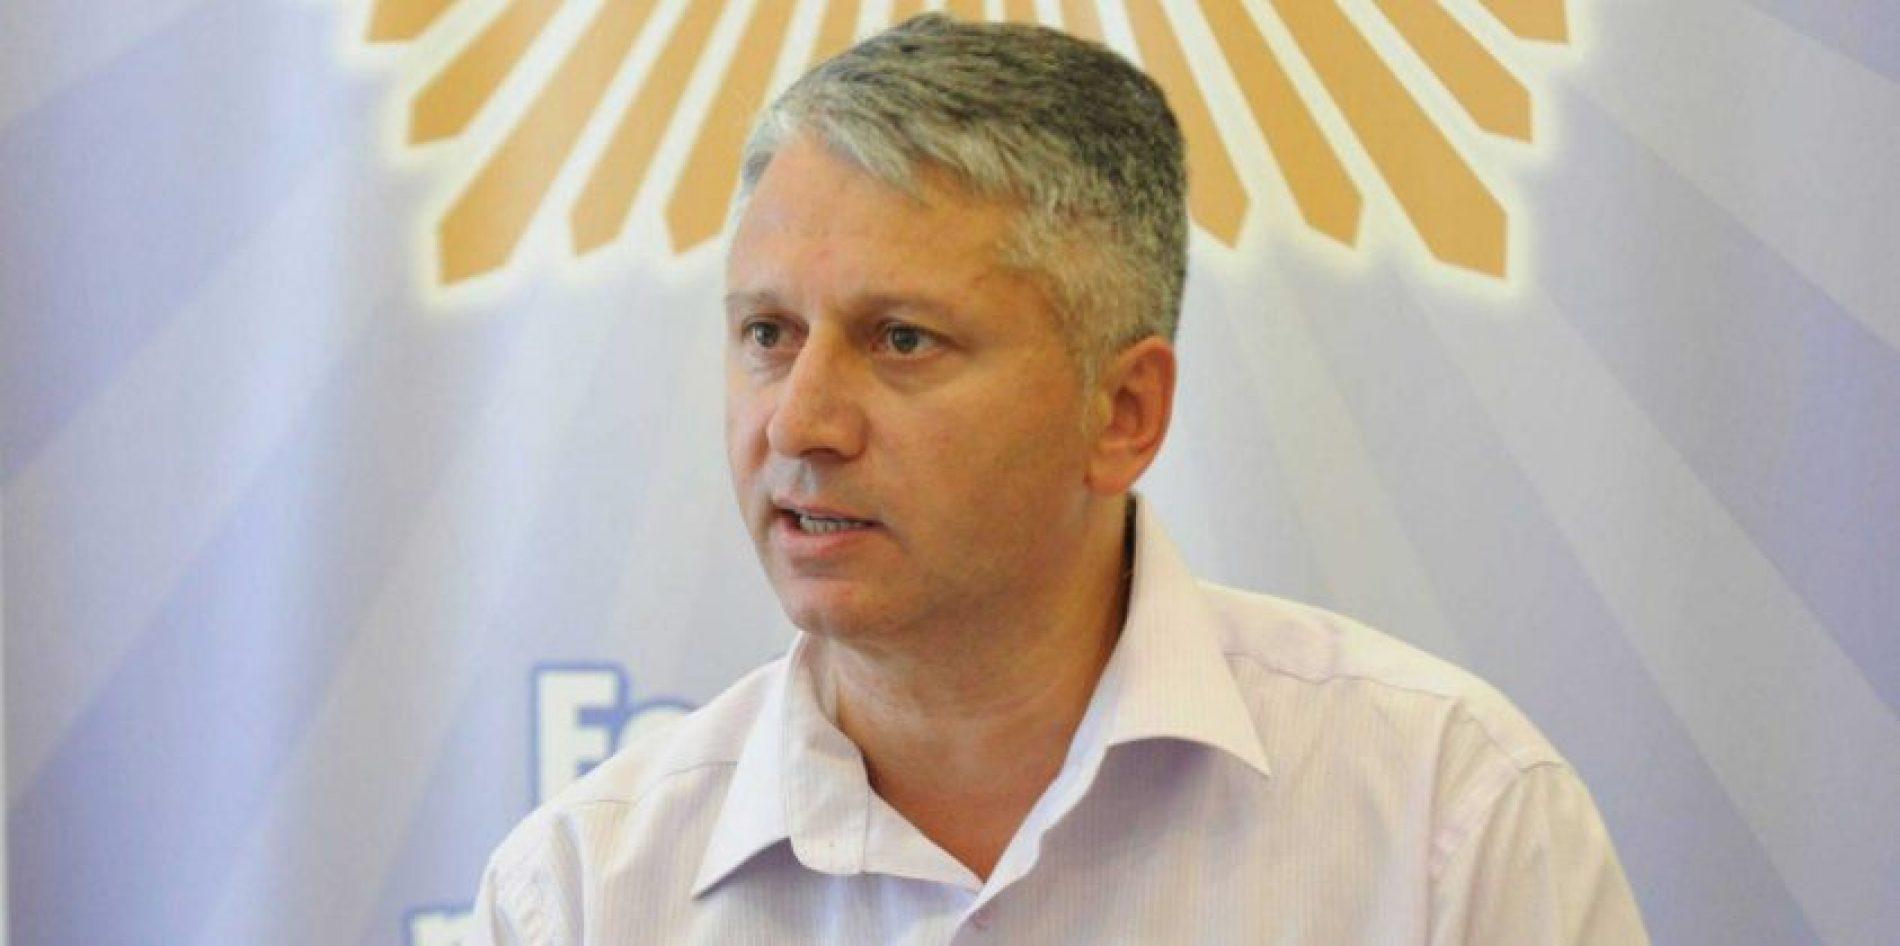 Srbija opet hapsi bosanske građane, na graničnom prelazu Uvac priveden Edin Vranj